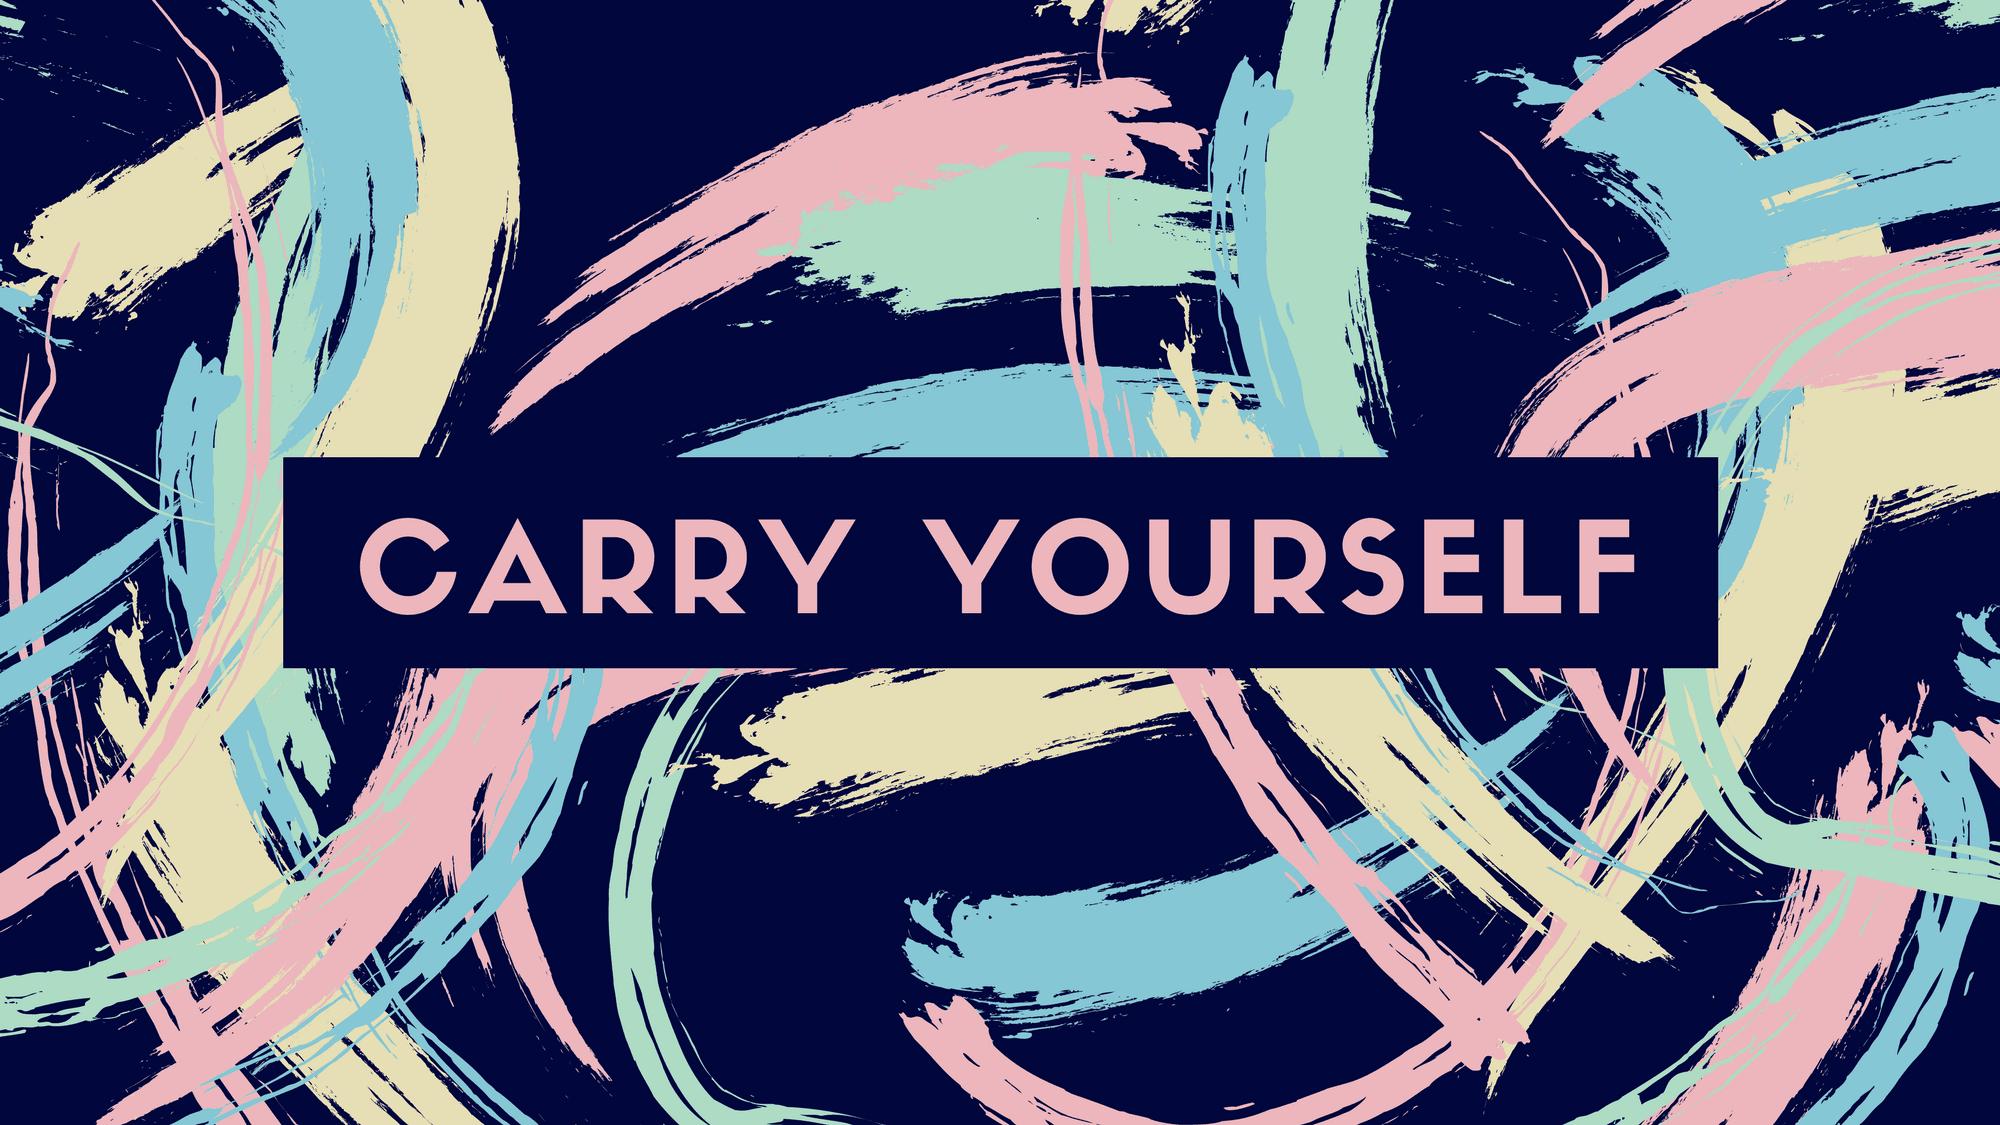 carryyourself